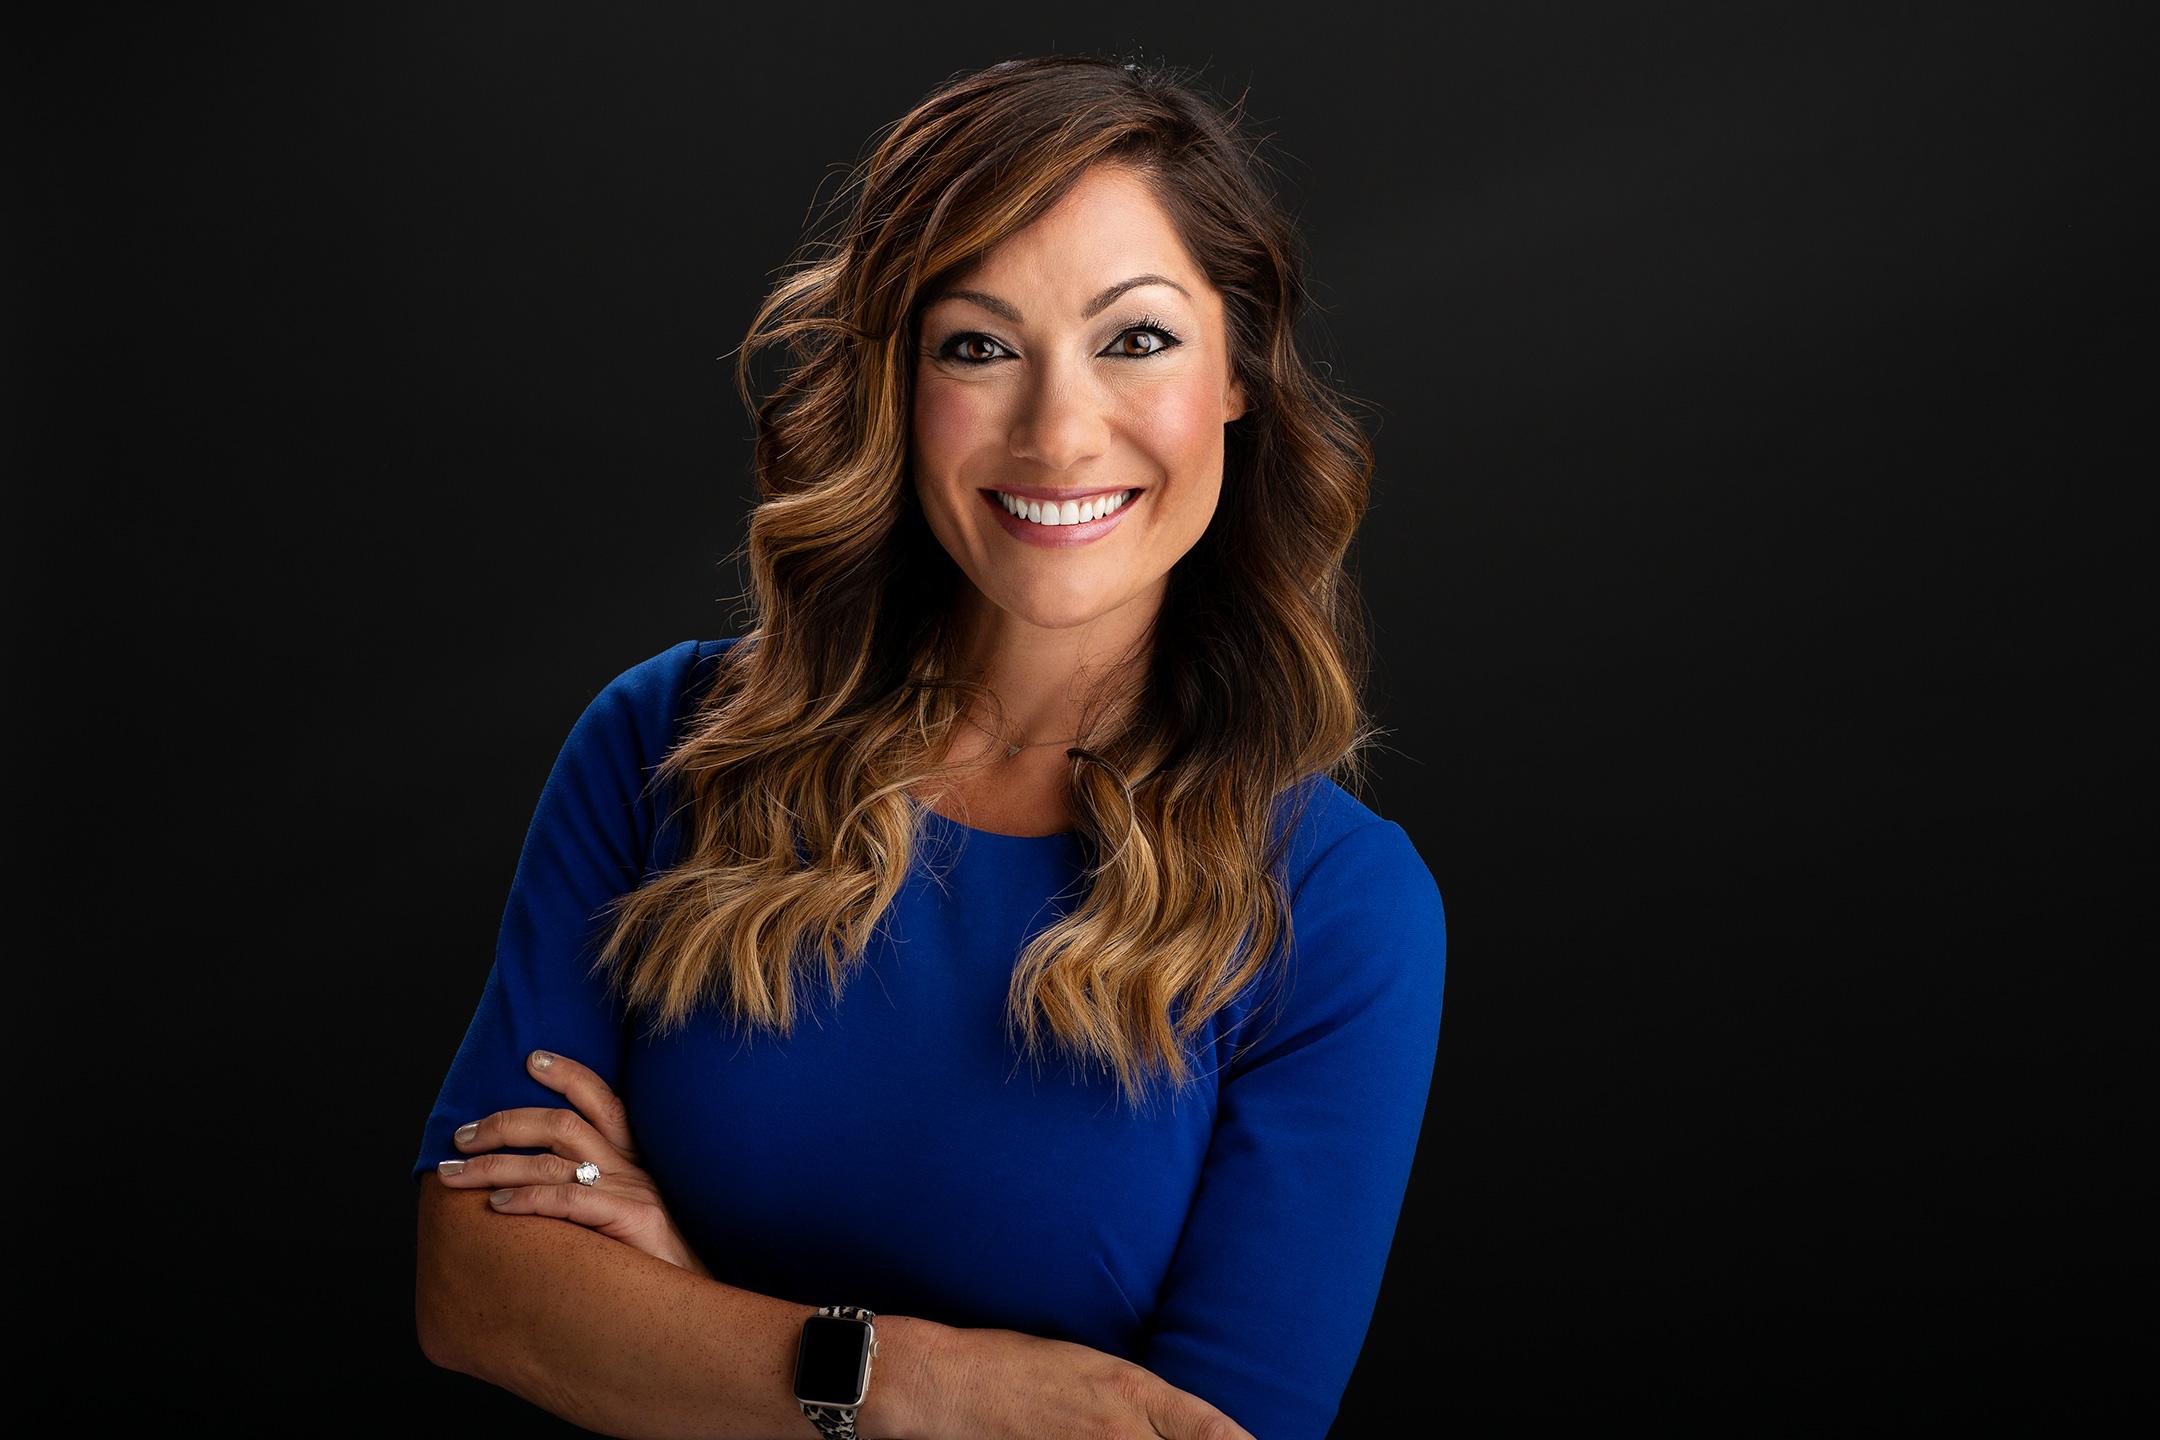 Female Executive Business Headshot